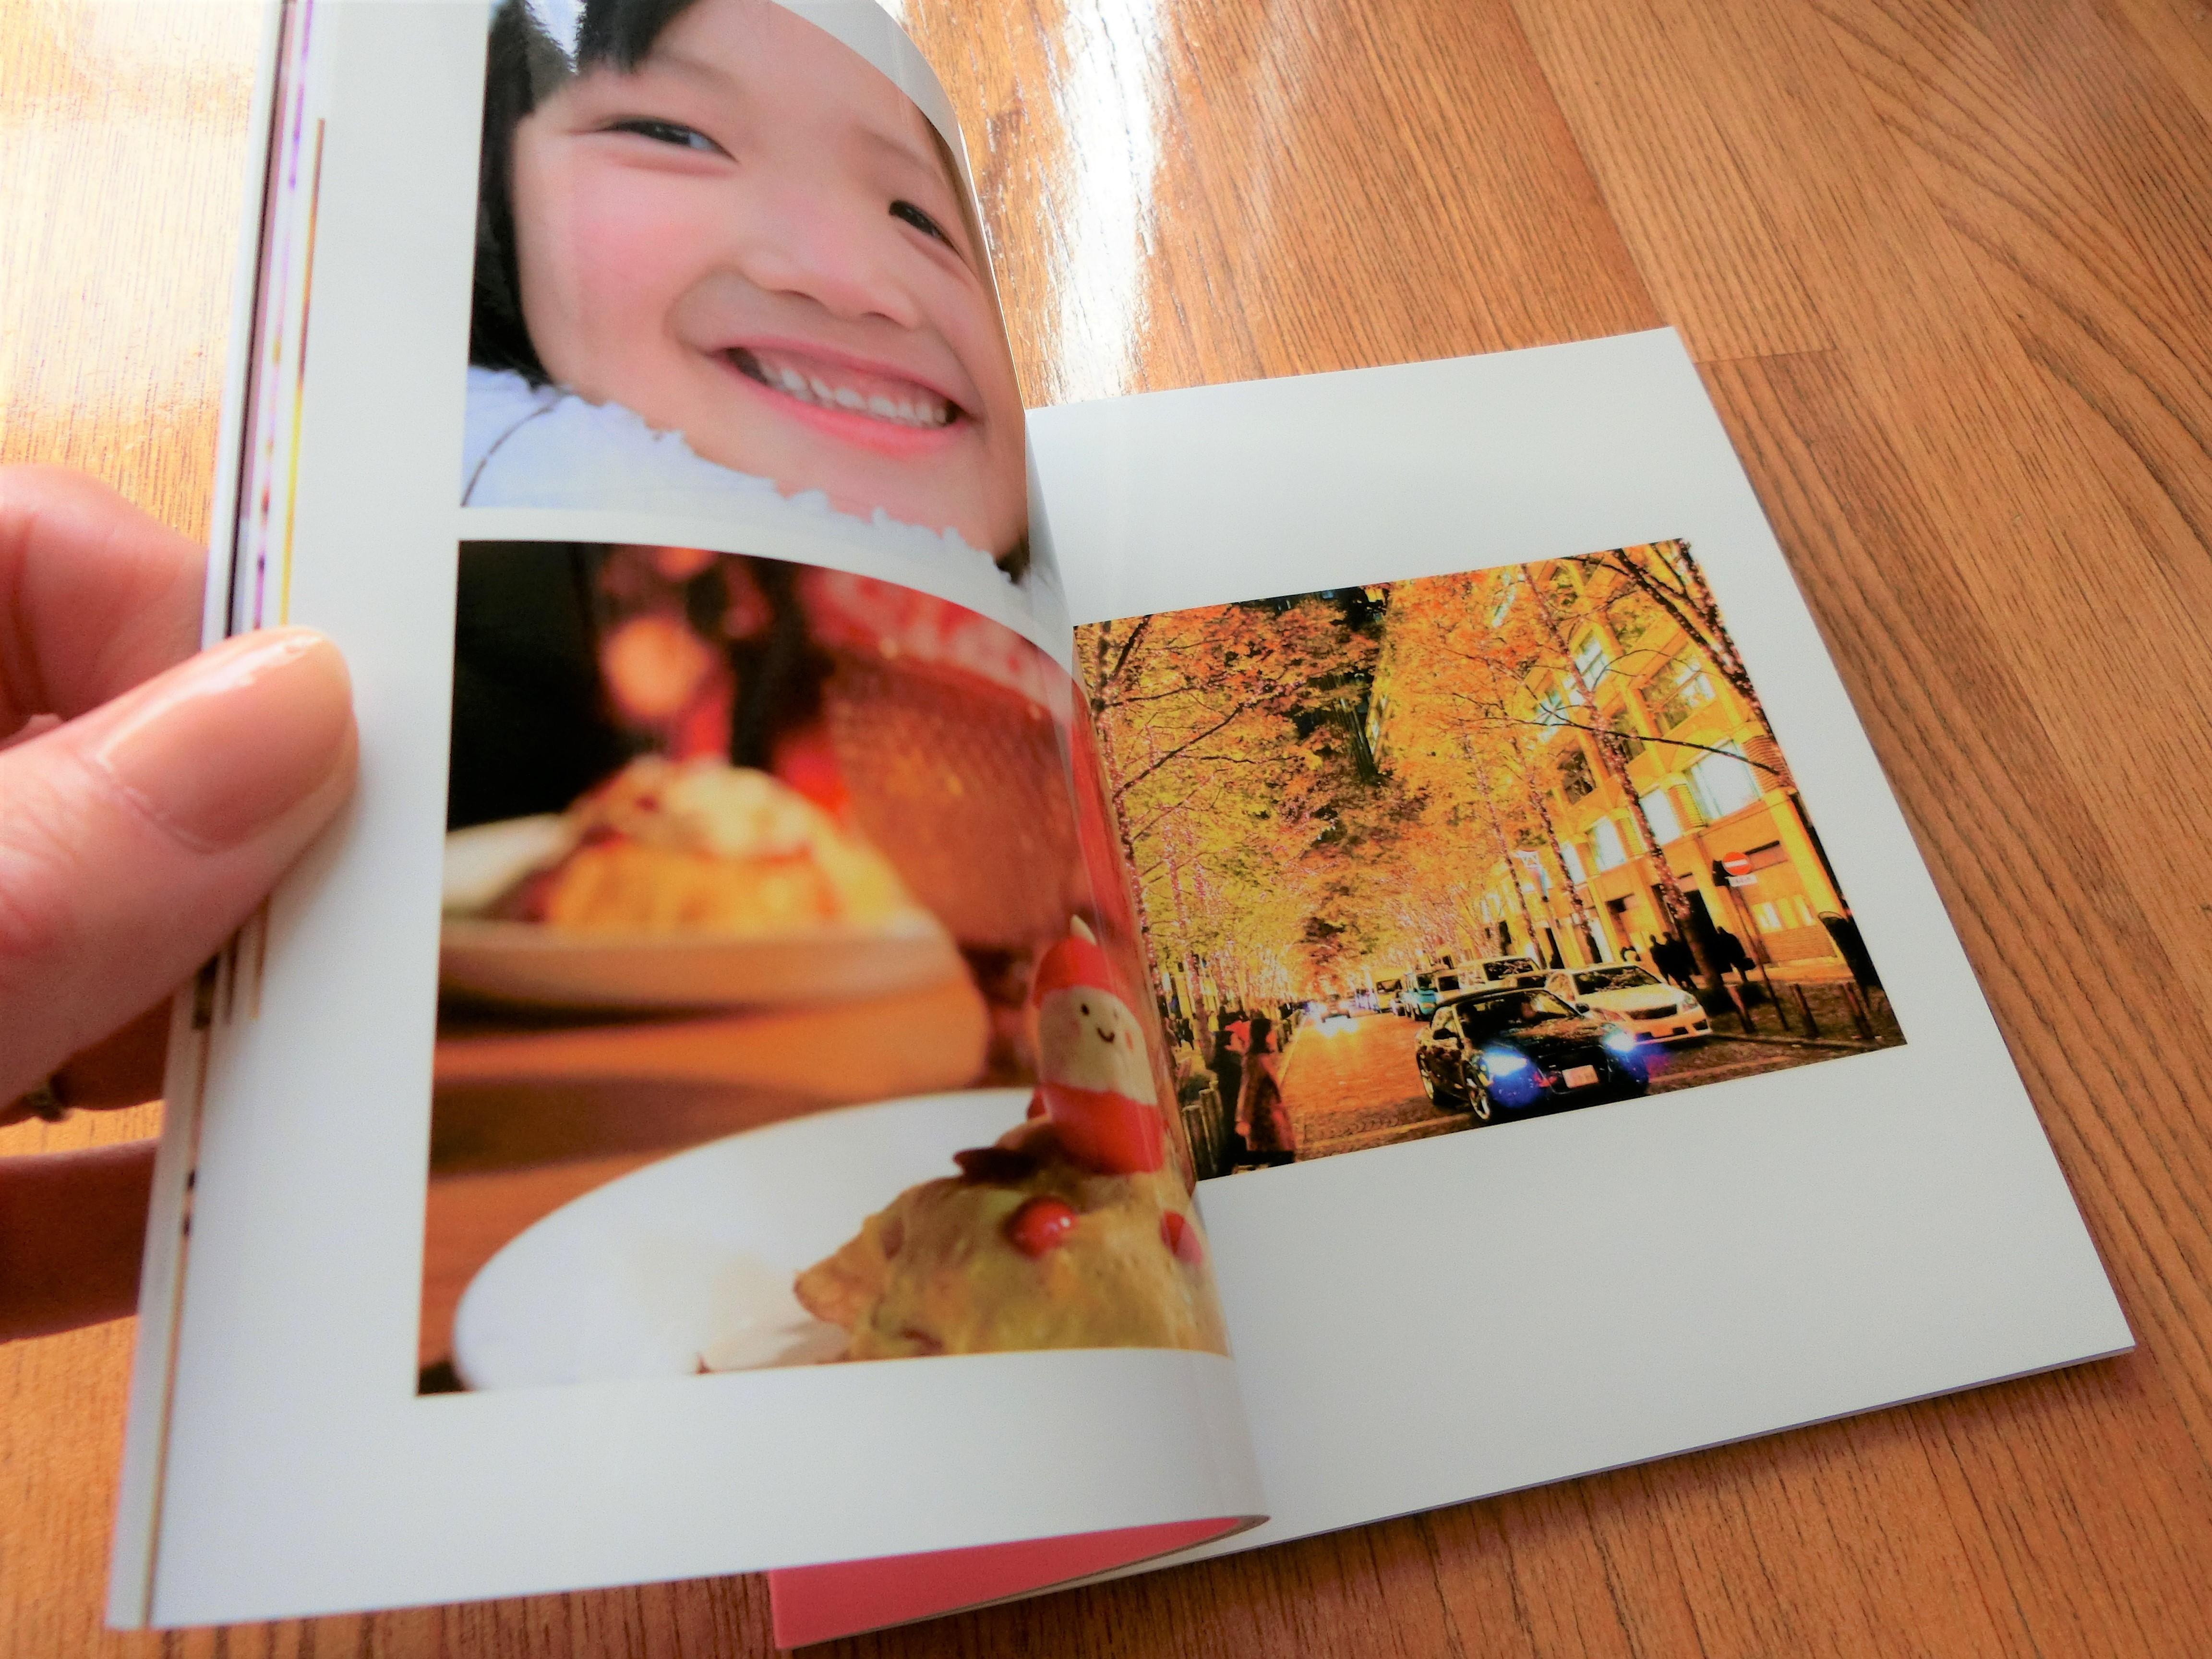 ネットプリントジャパン・プレミアム光沢仕上げのフォトブック